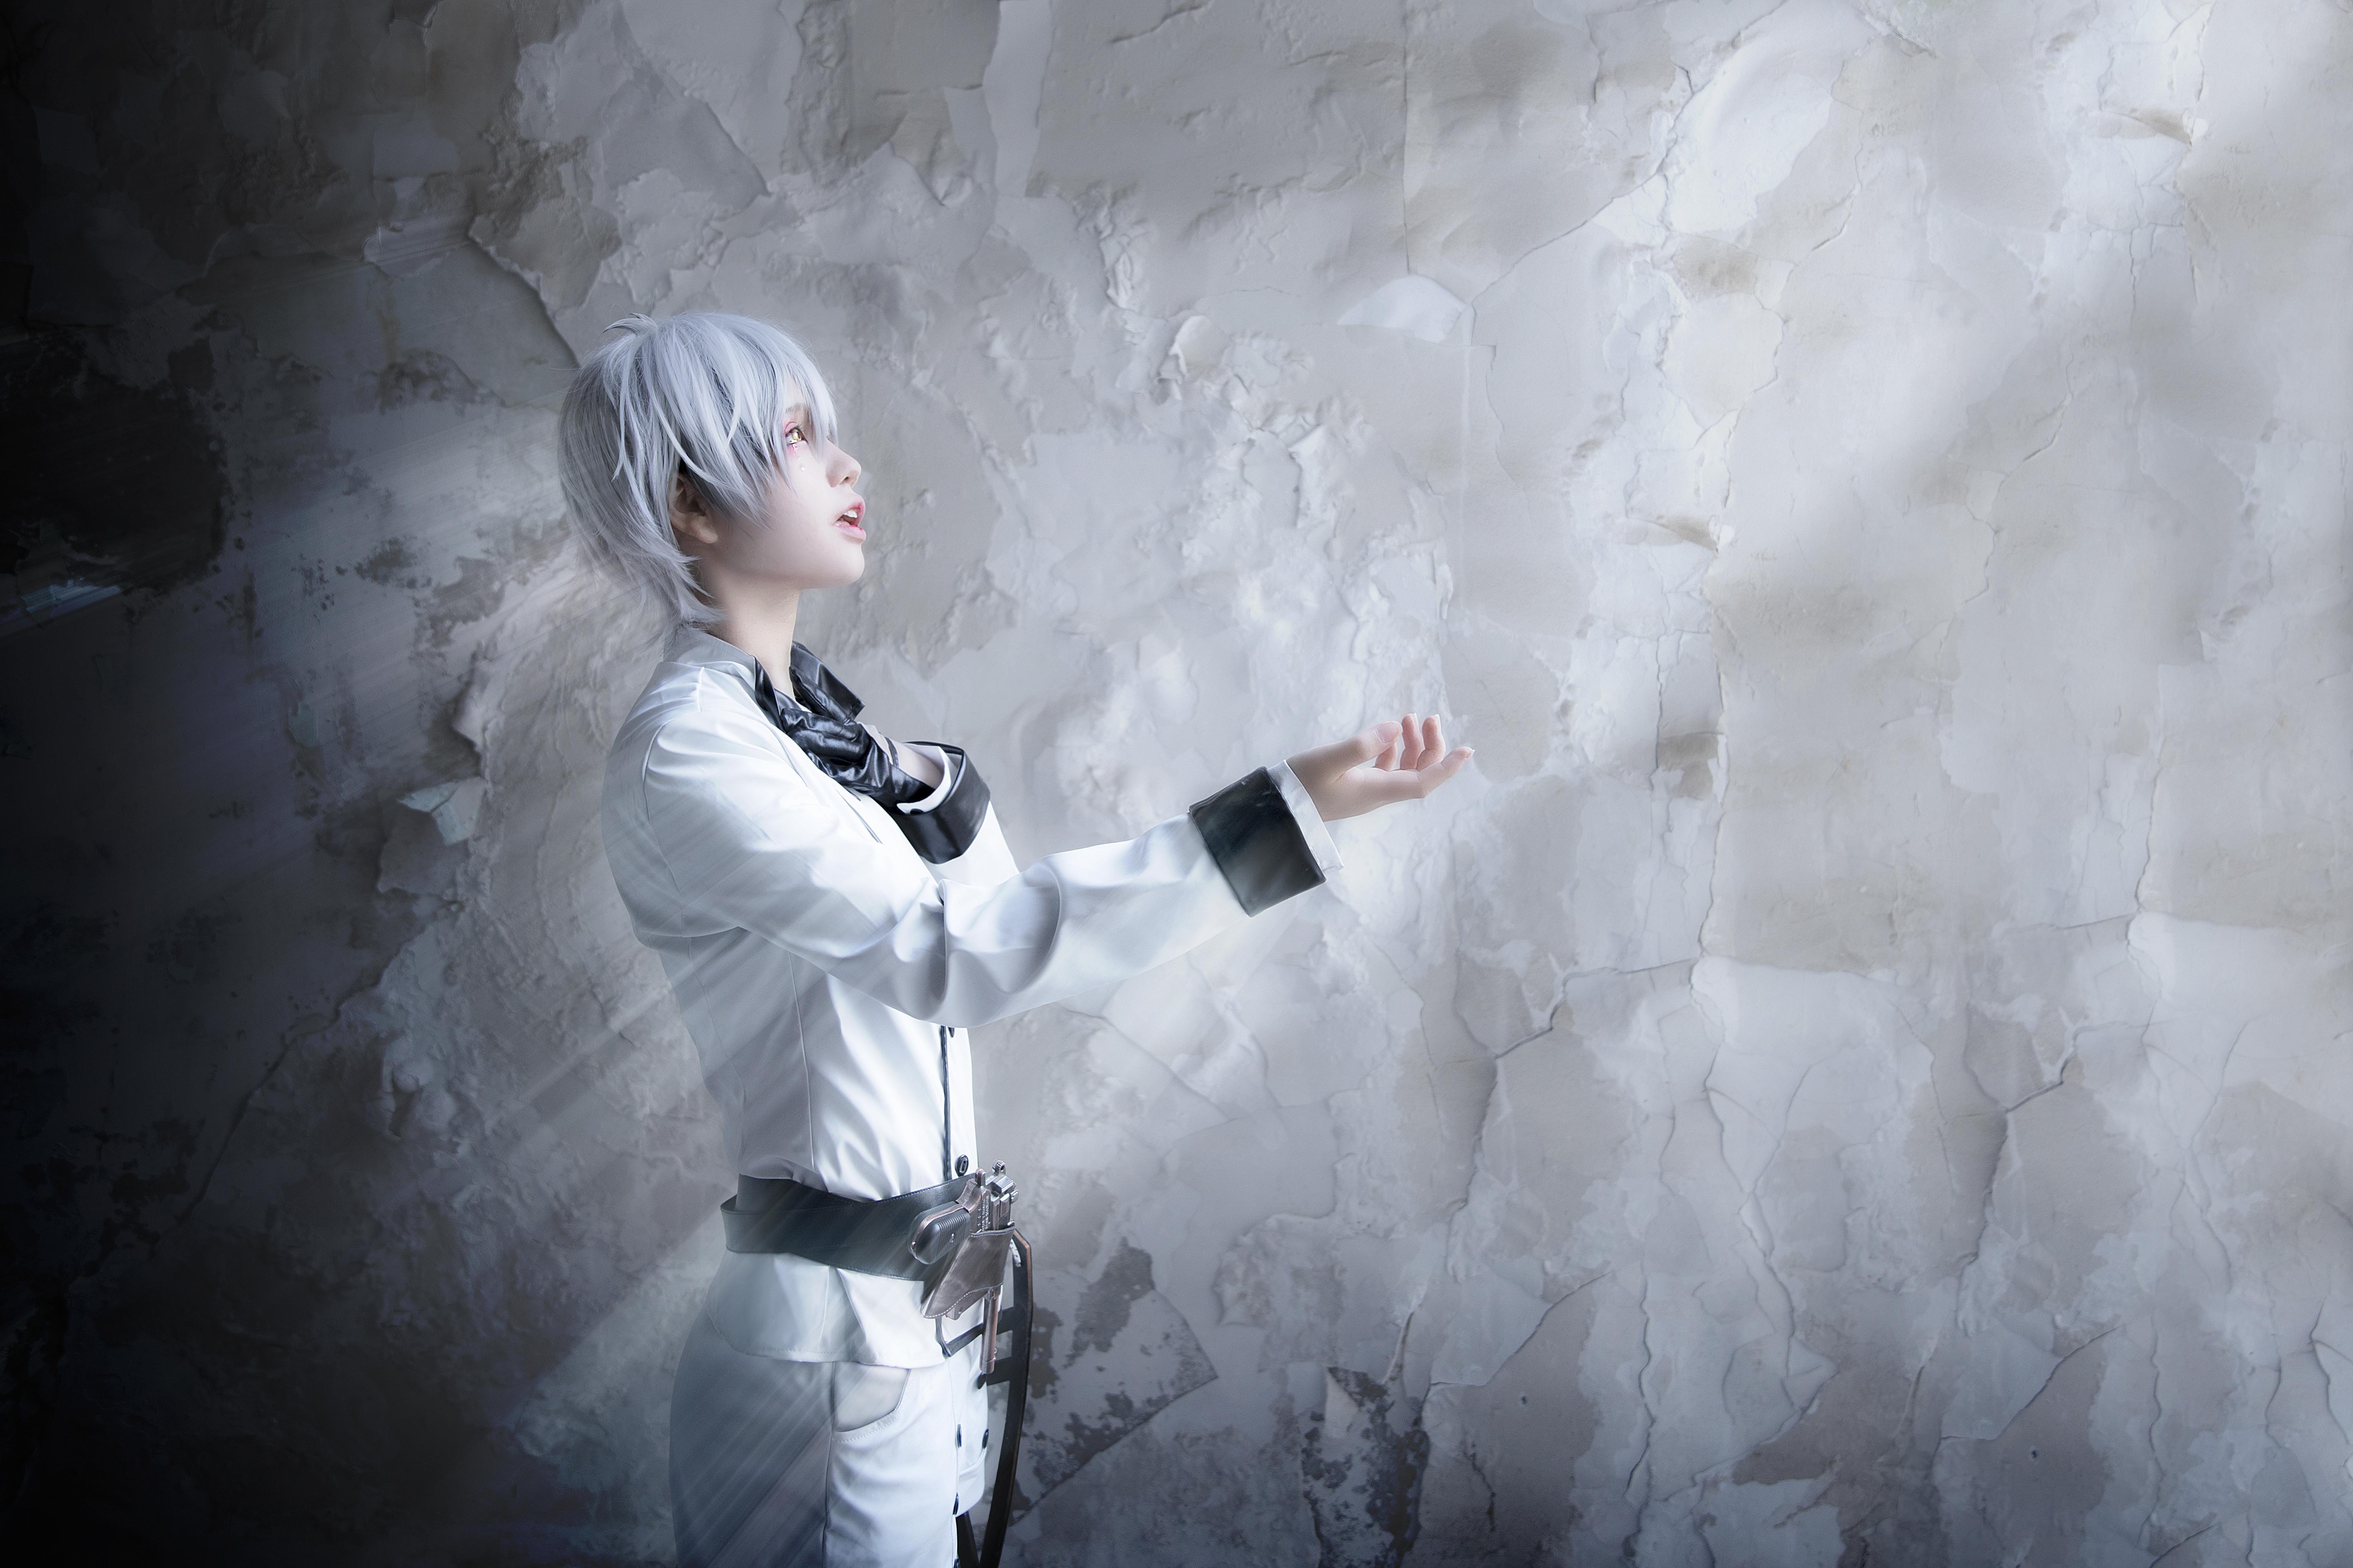 《明日方舟》正片cosplay【CN:缭绫】-第15张